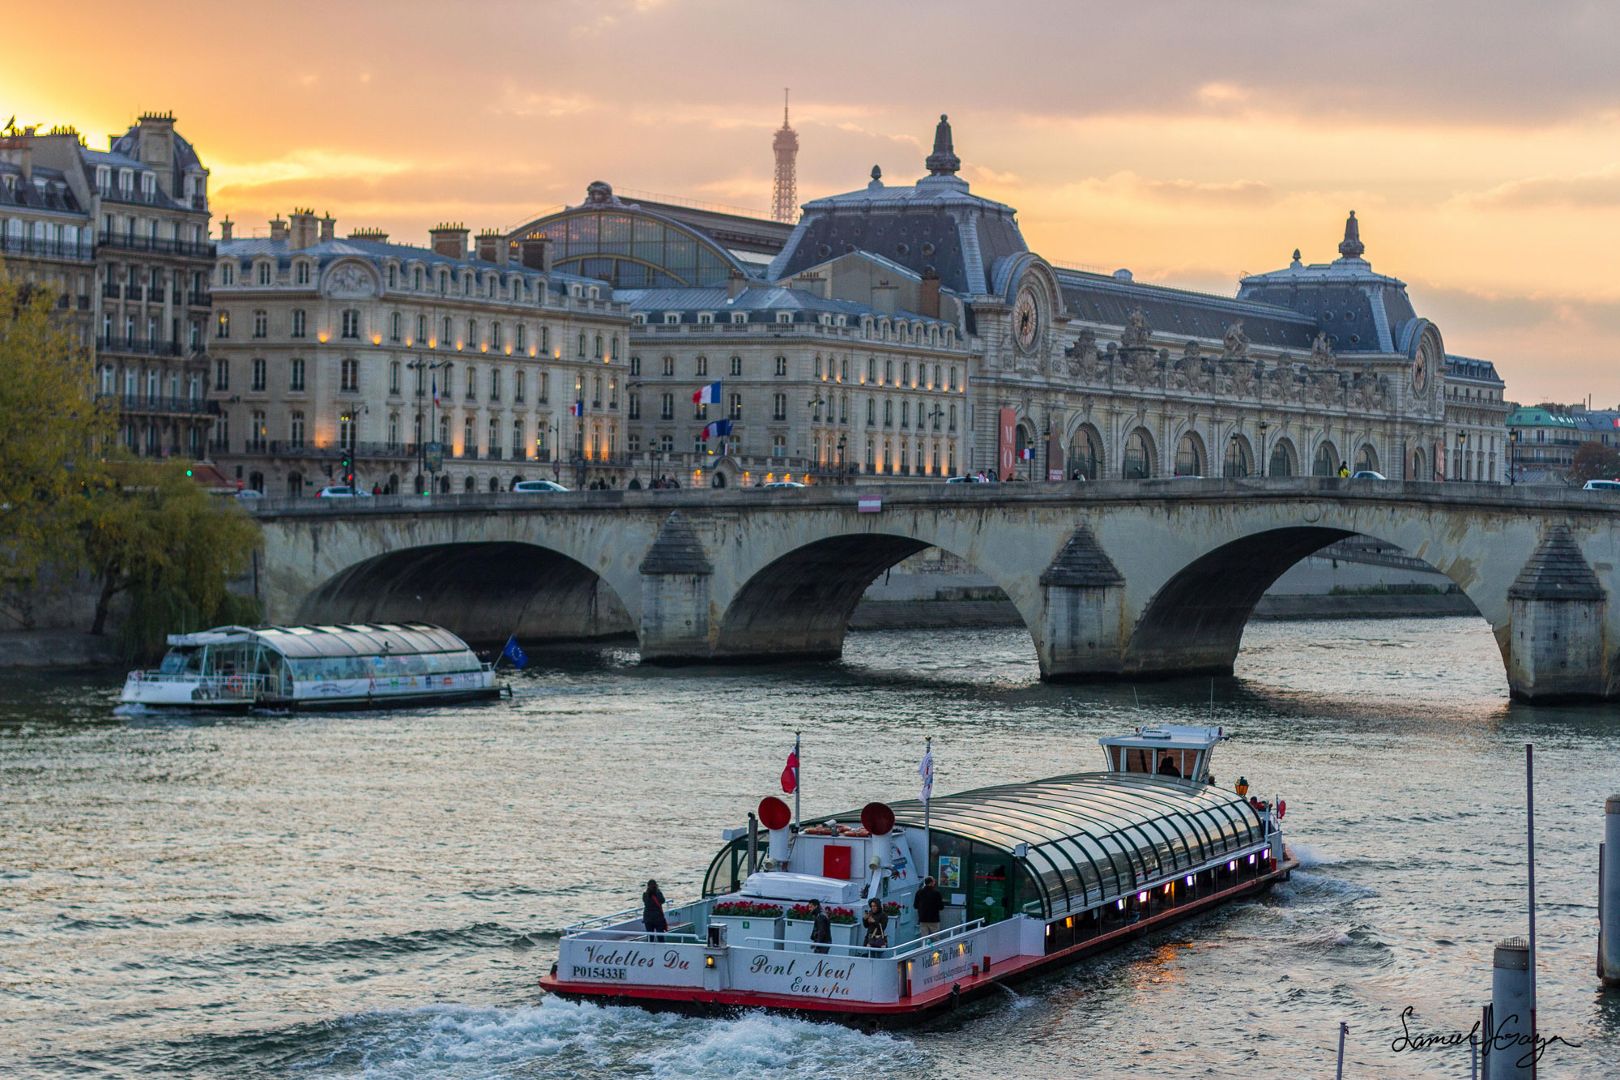 River Siene in Paris, France